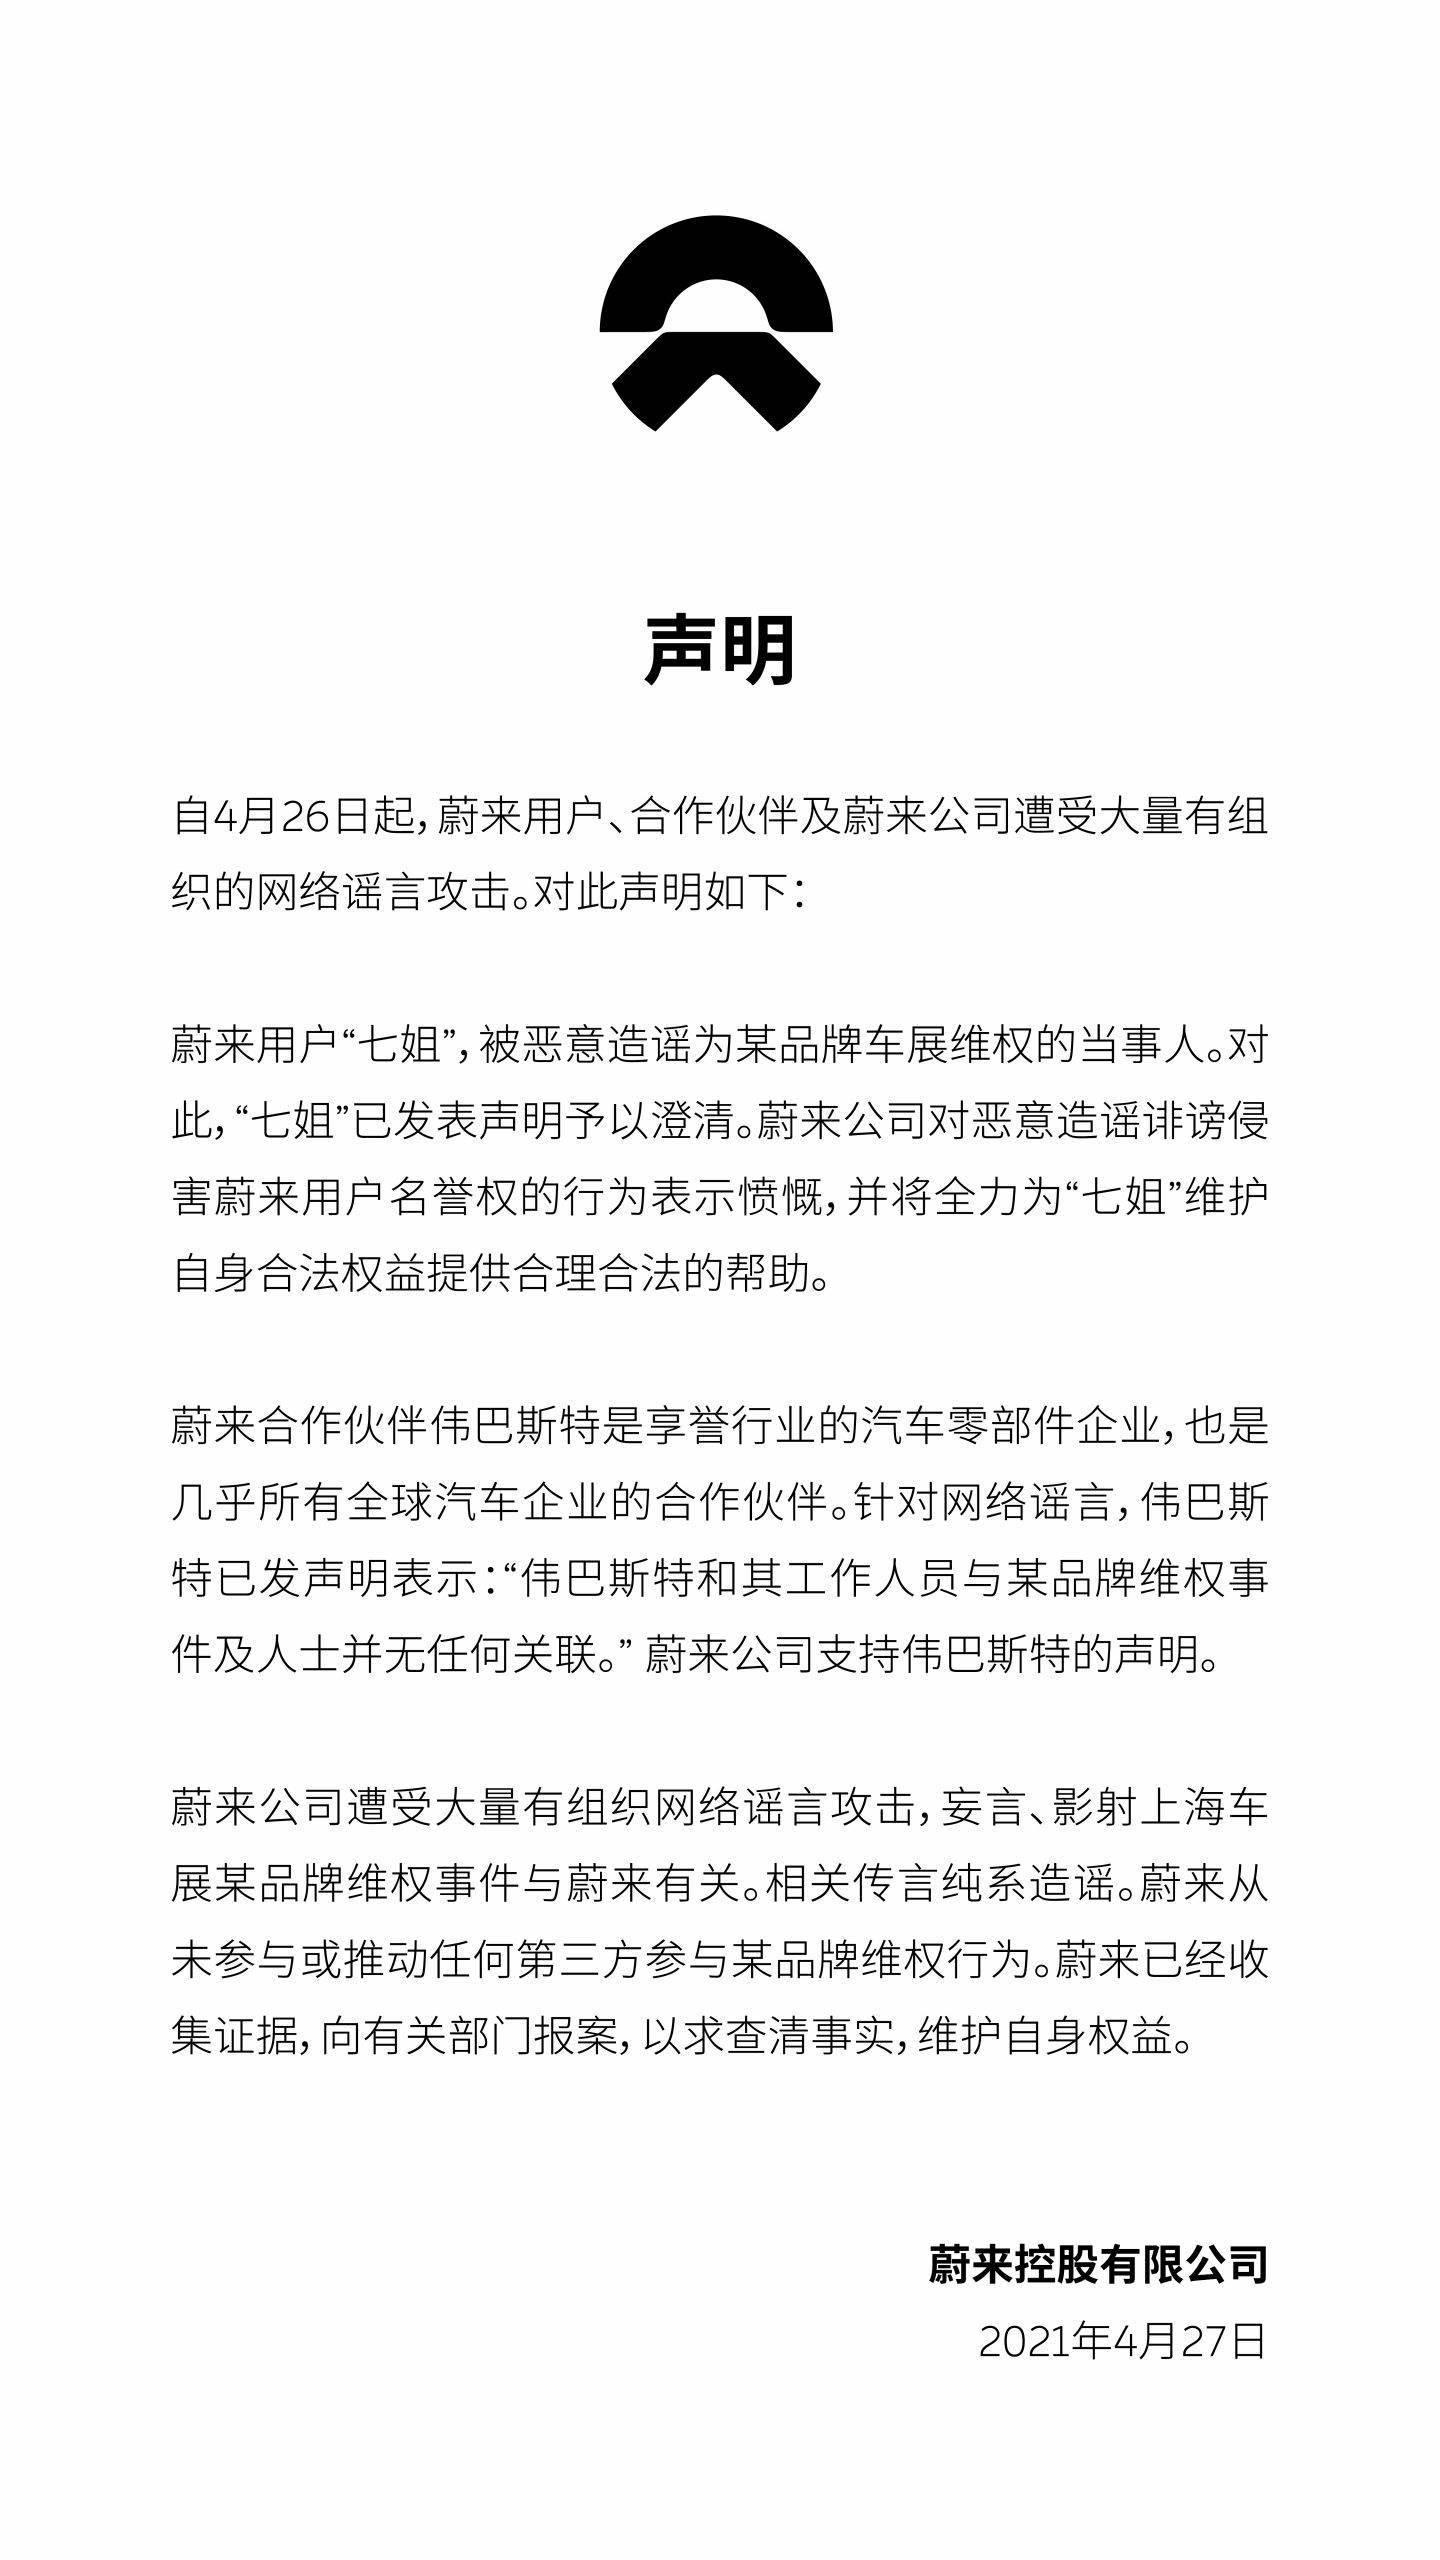 天顺娱乐招商-首页【1.1.7】